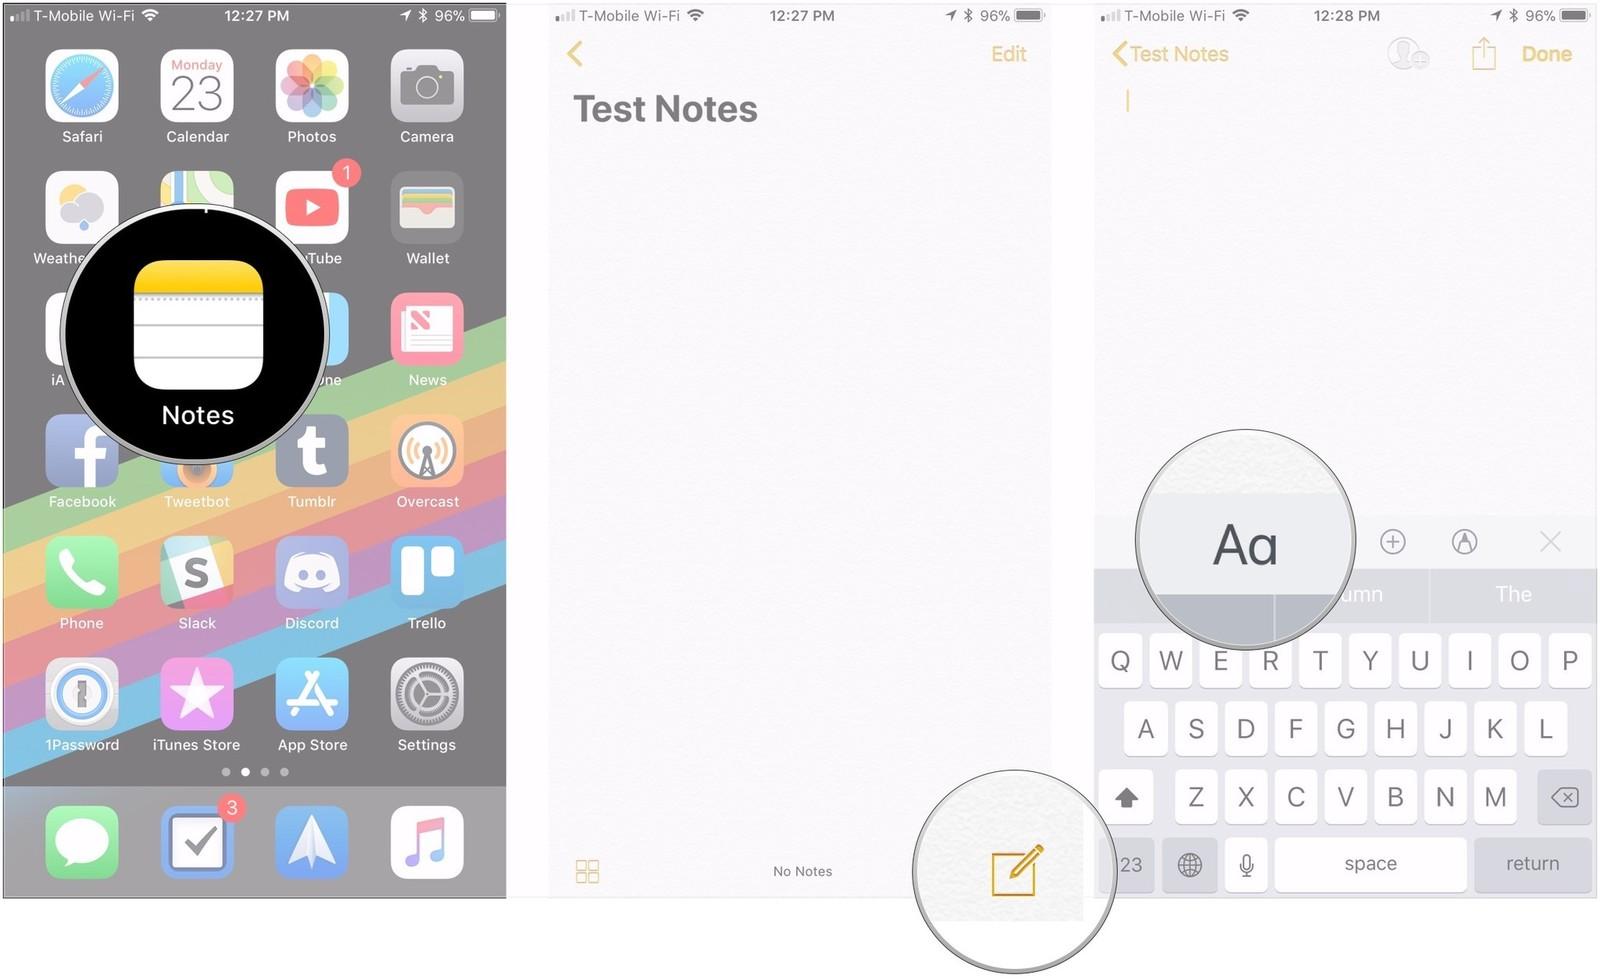 Как форматировать заметки на iPhone и iPad - создание названий и заголовков